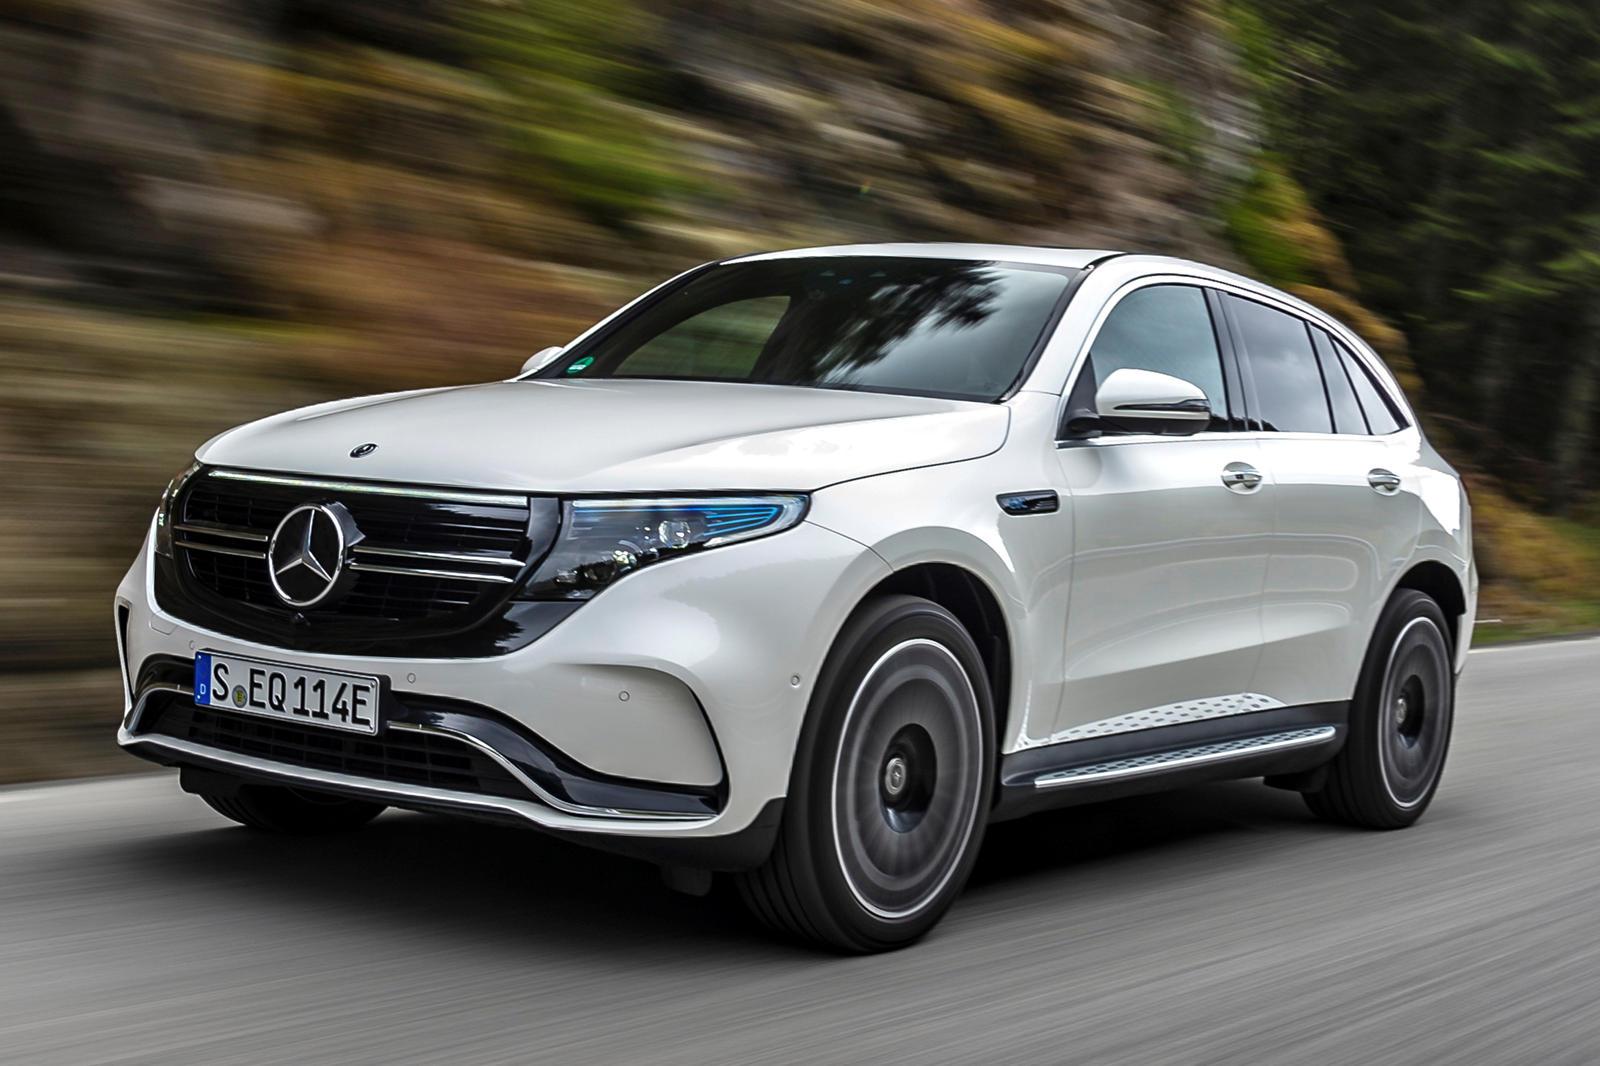 Mercedes Dealers' EQC Demand Finally Happening